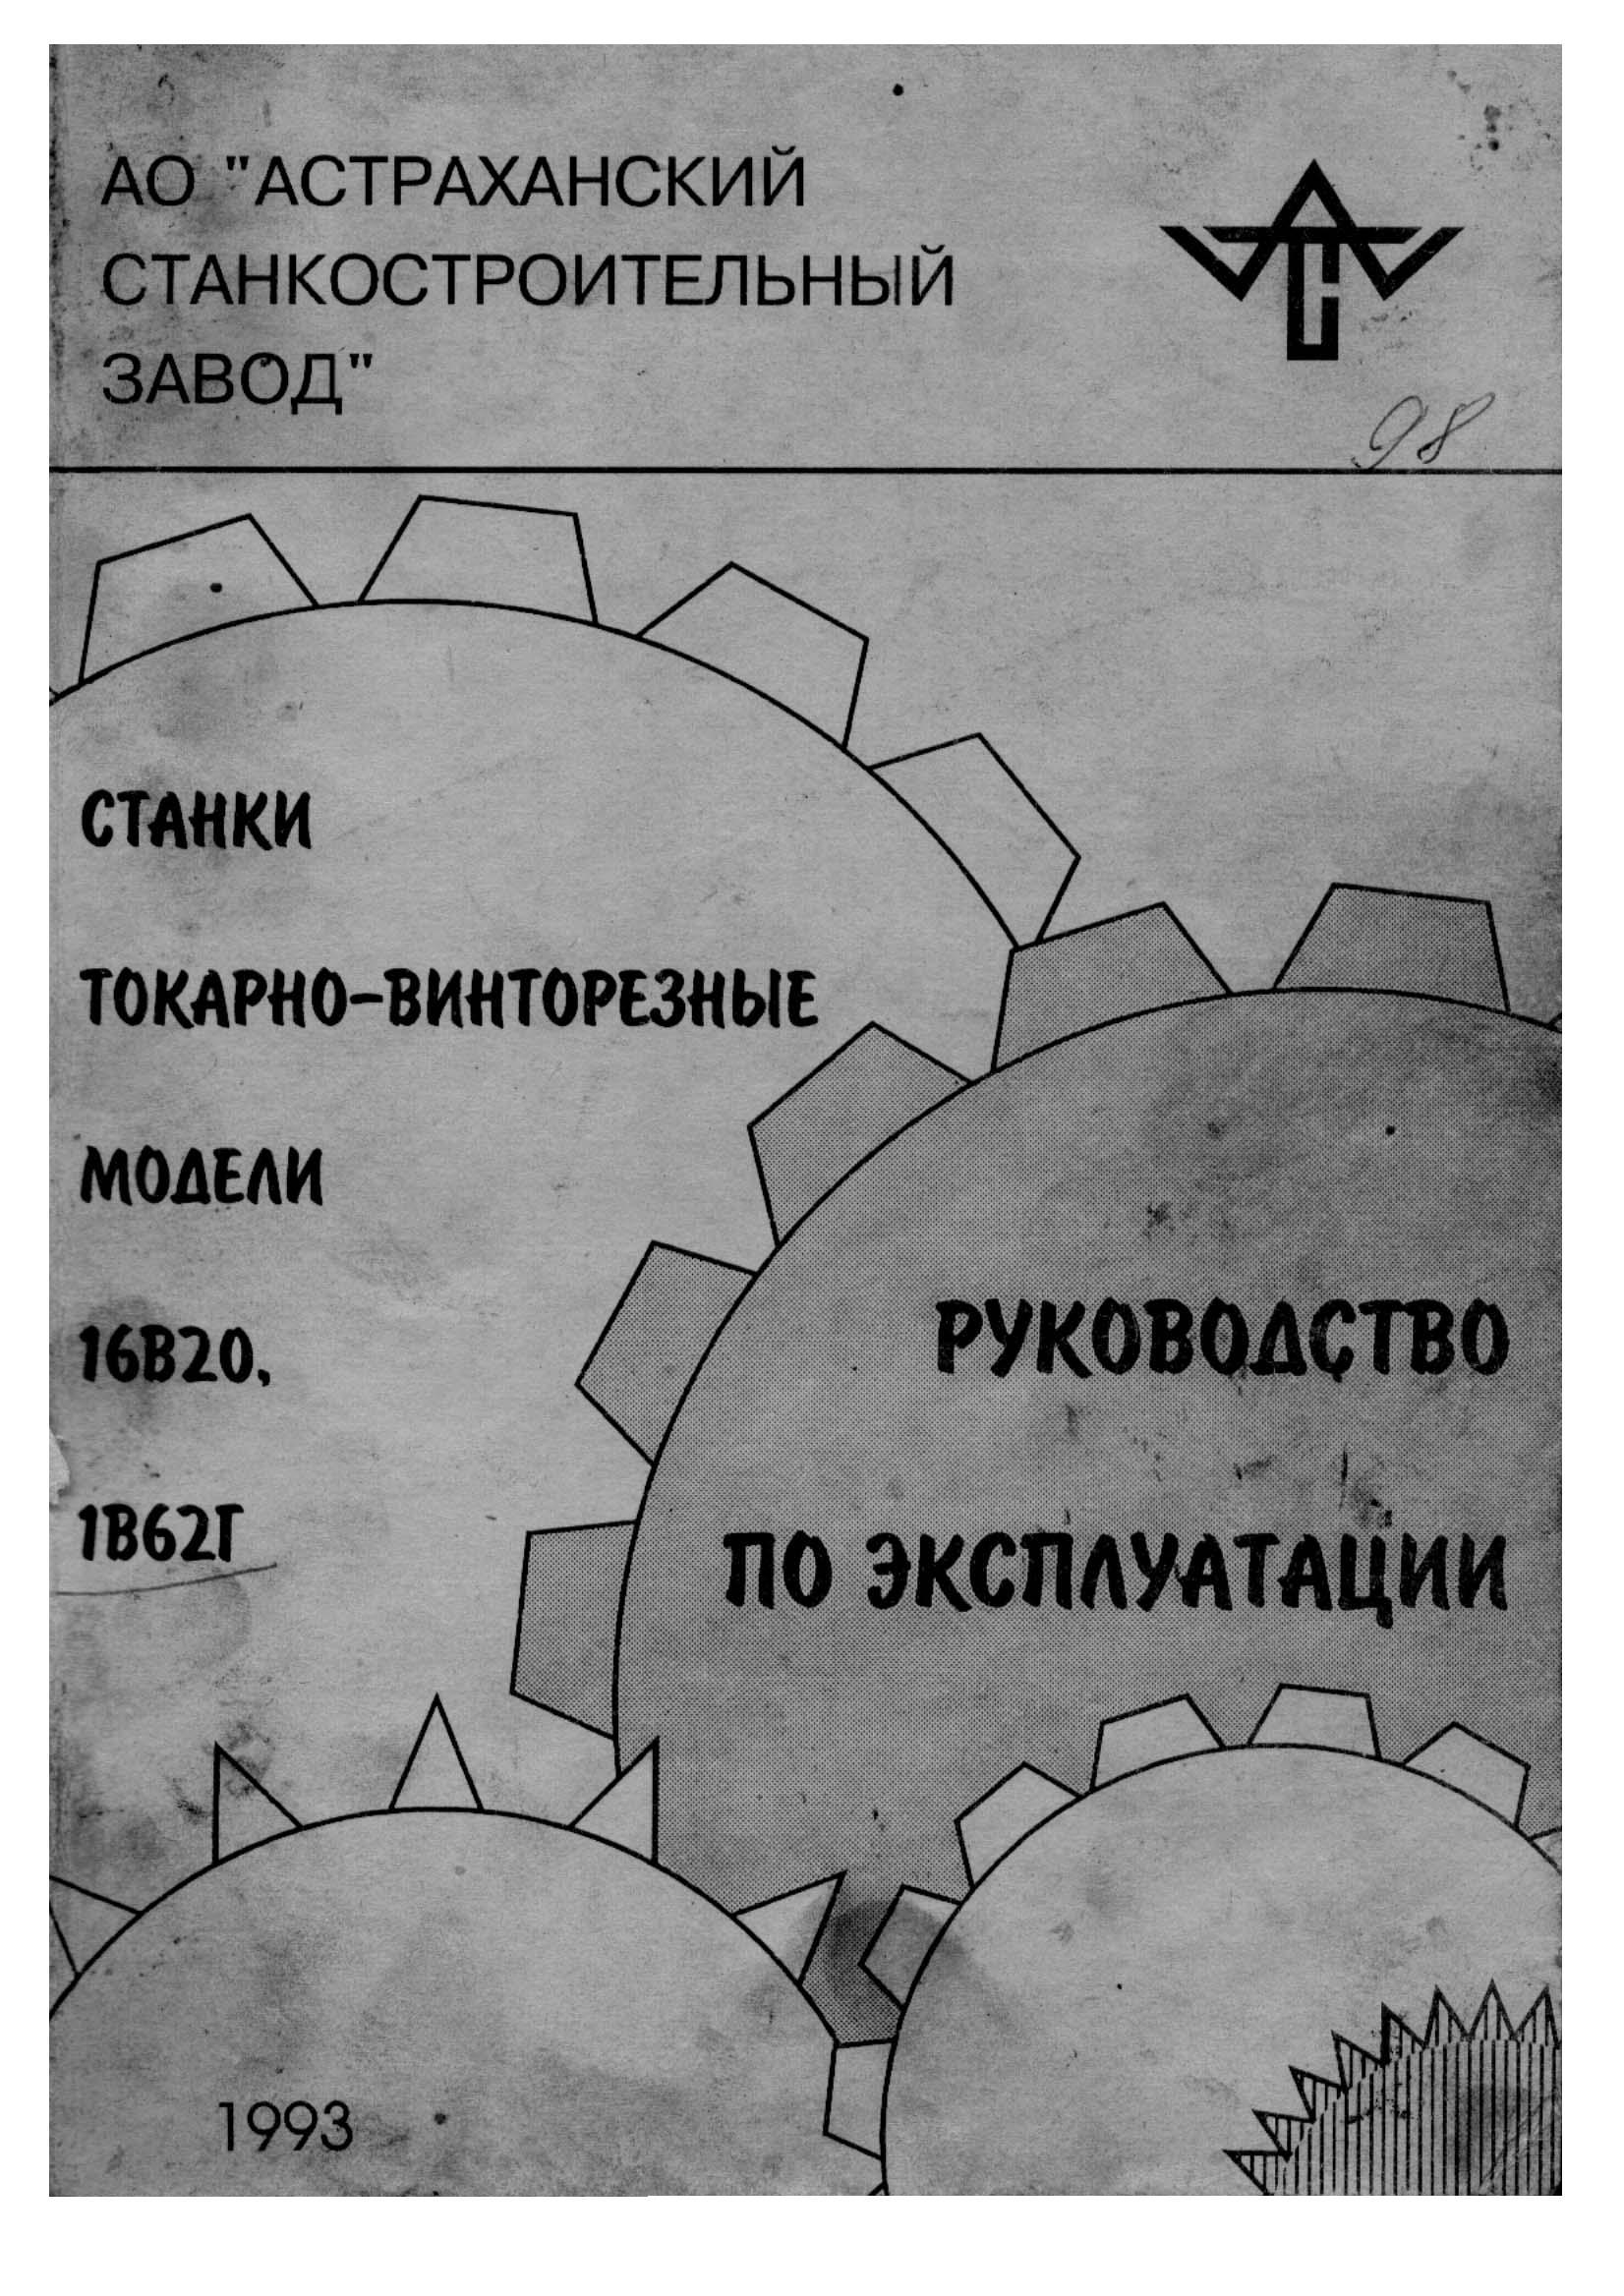 паспорт станка 6д81ш 1993 года выпуска